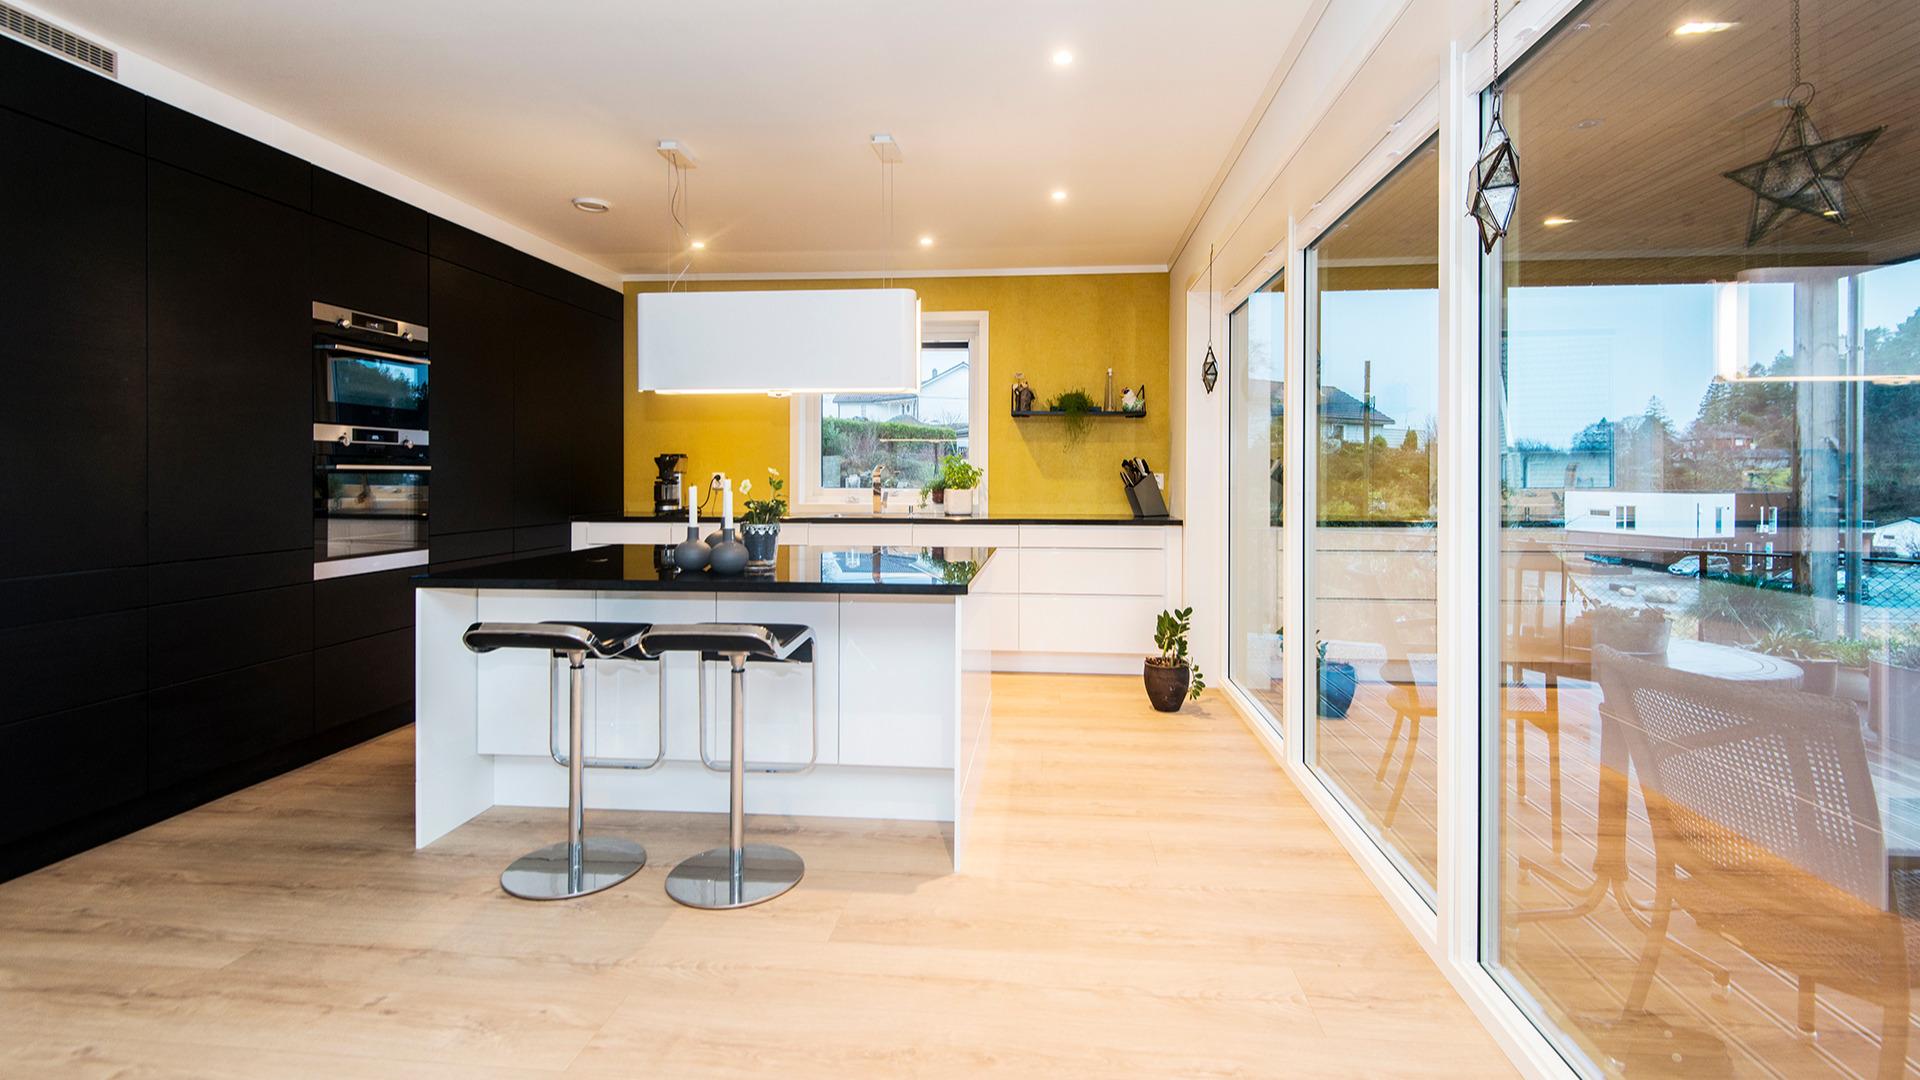 Praktisk med mye skapplass på kjøkkenet